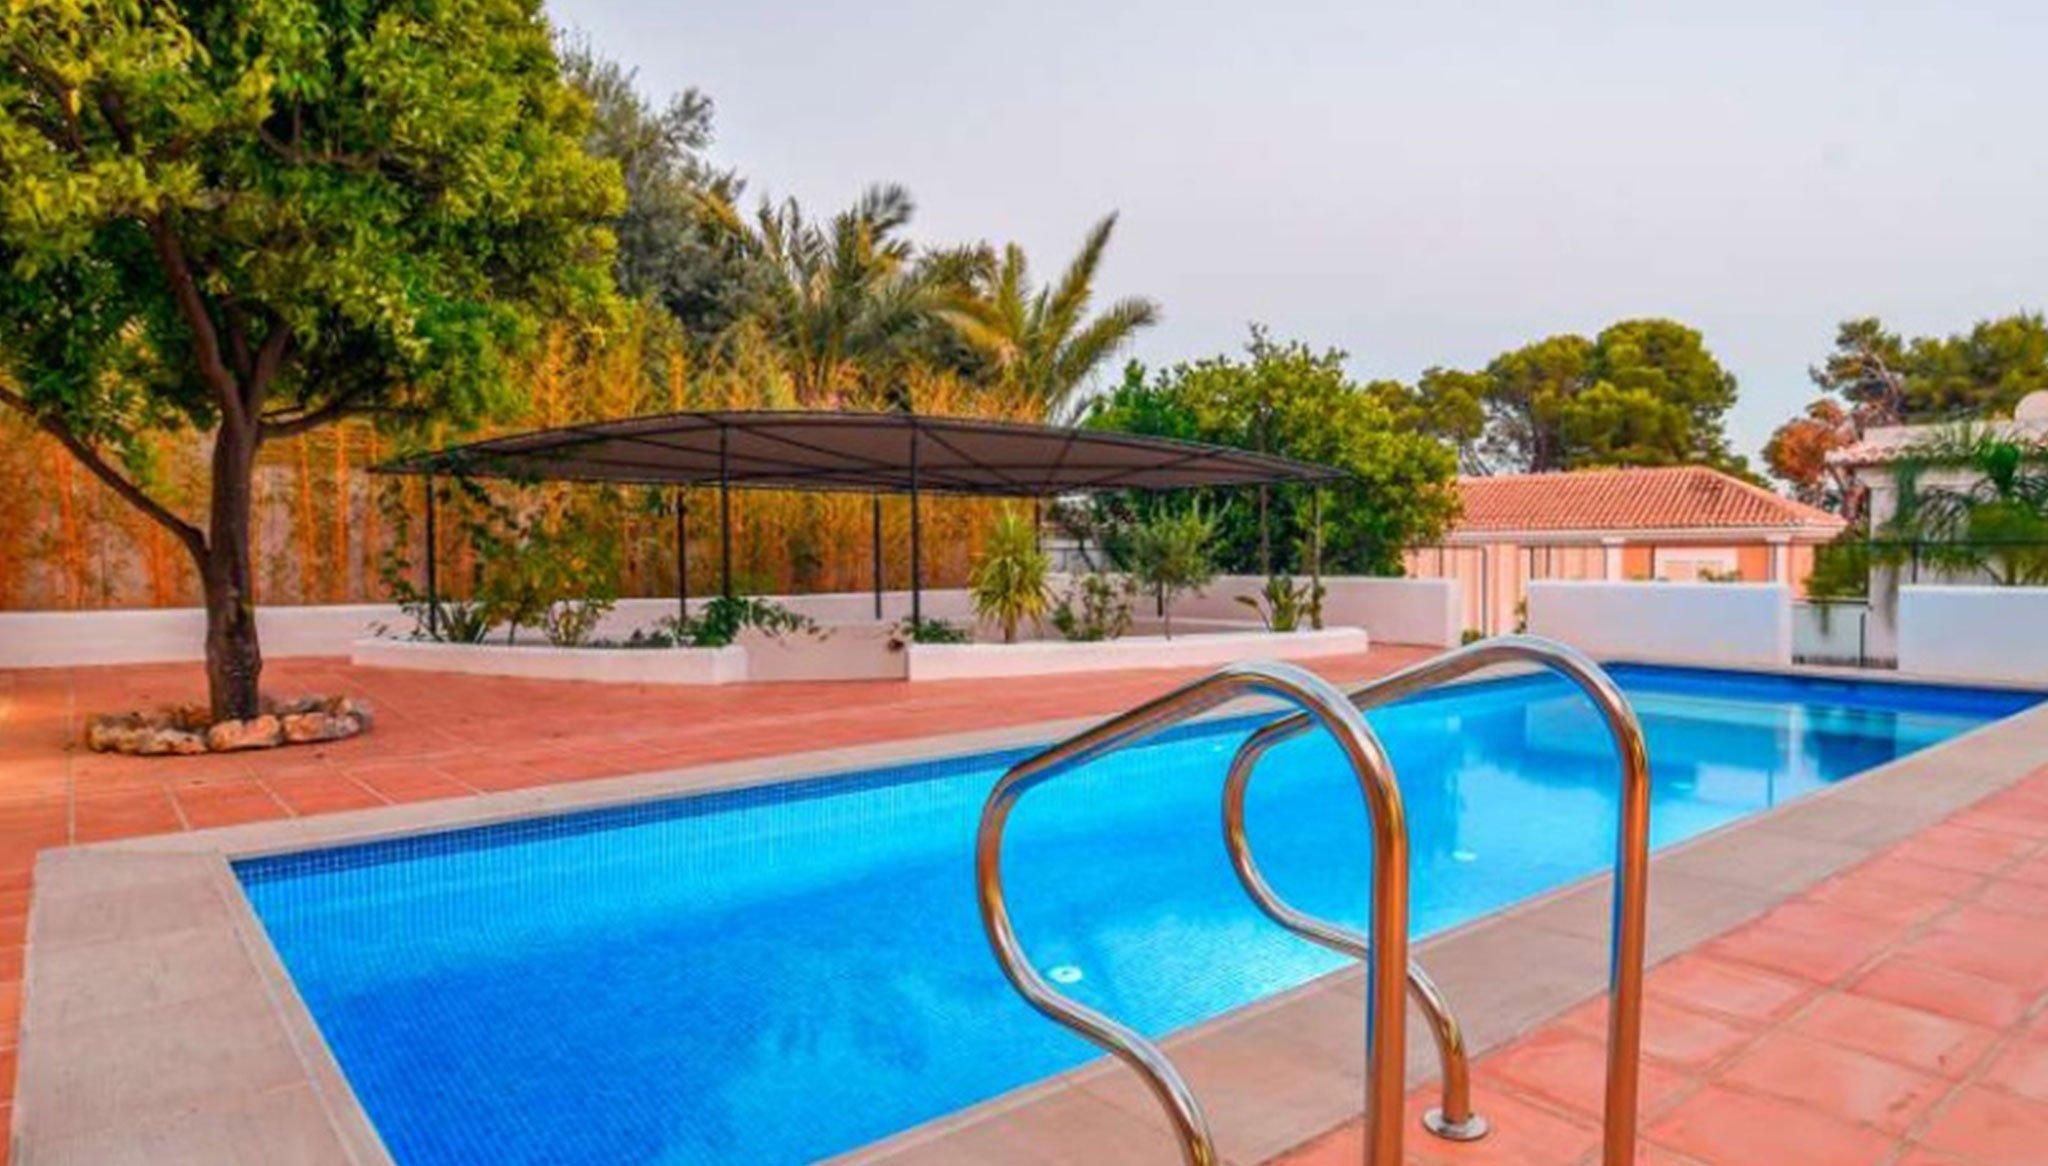 Piscina una villa en venta en el puerto de Jávea – MORAGUESPONS Mediterranean Houses